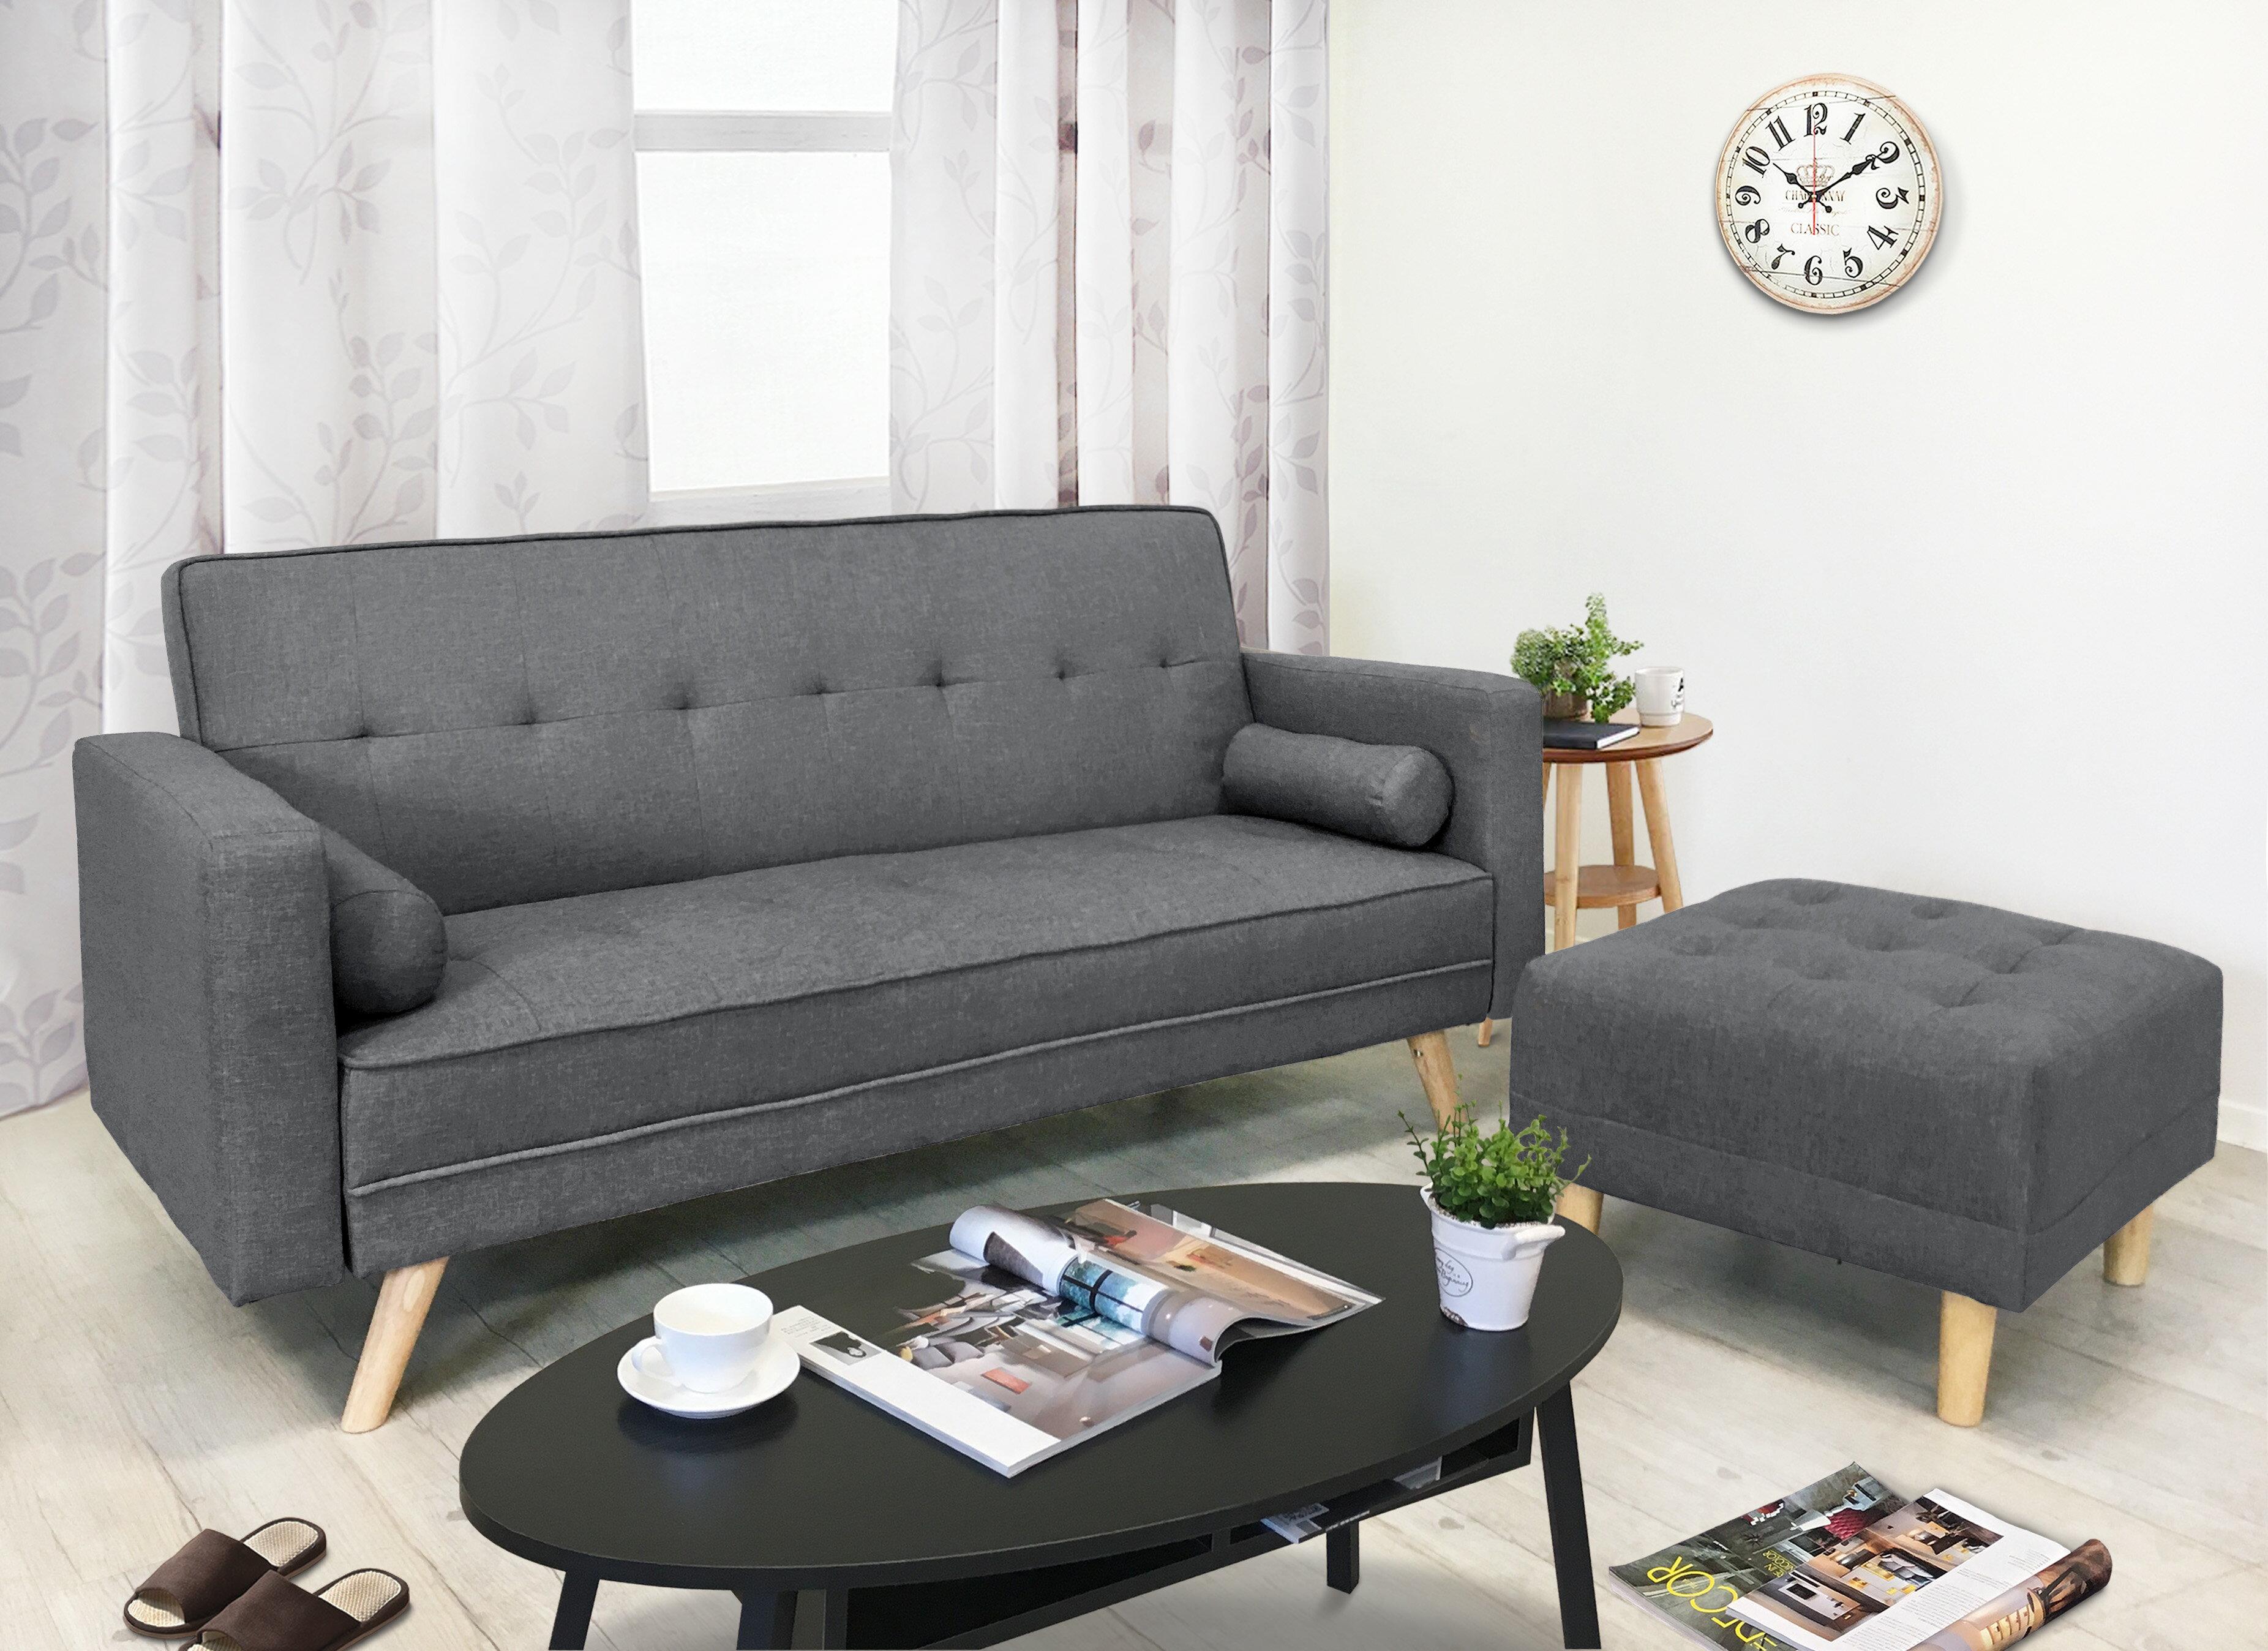 !新生活家具! 深灰 亞麻布 沙發床 L型沙發床 三人位沙發床 腳椅 三色可選《戴納》非 H&D ikea 宜家